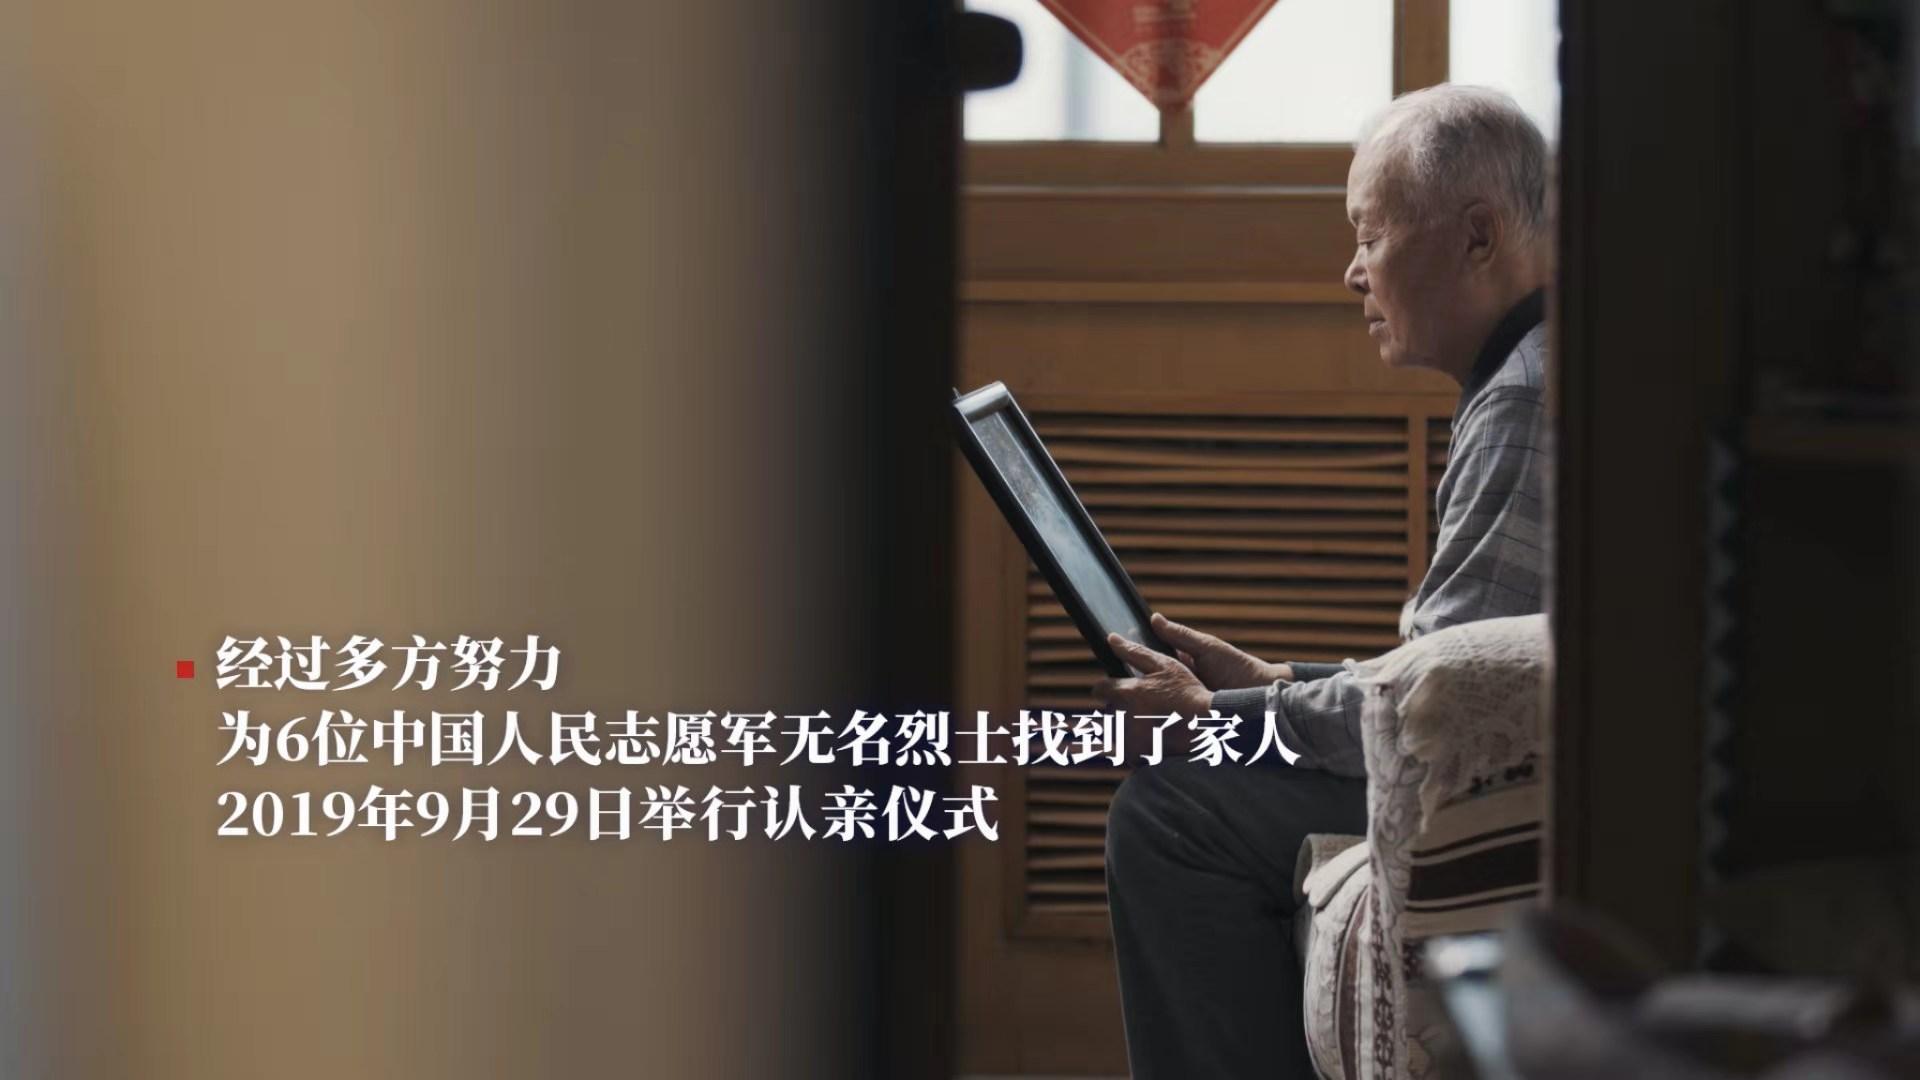 """2019年9月29日下午,退役军人事务部将举行中国人民志愿军烈士认亲仪式,让先烈与家人""""团聚""""。"""